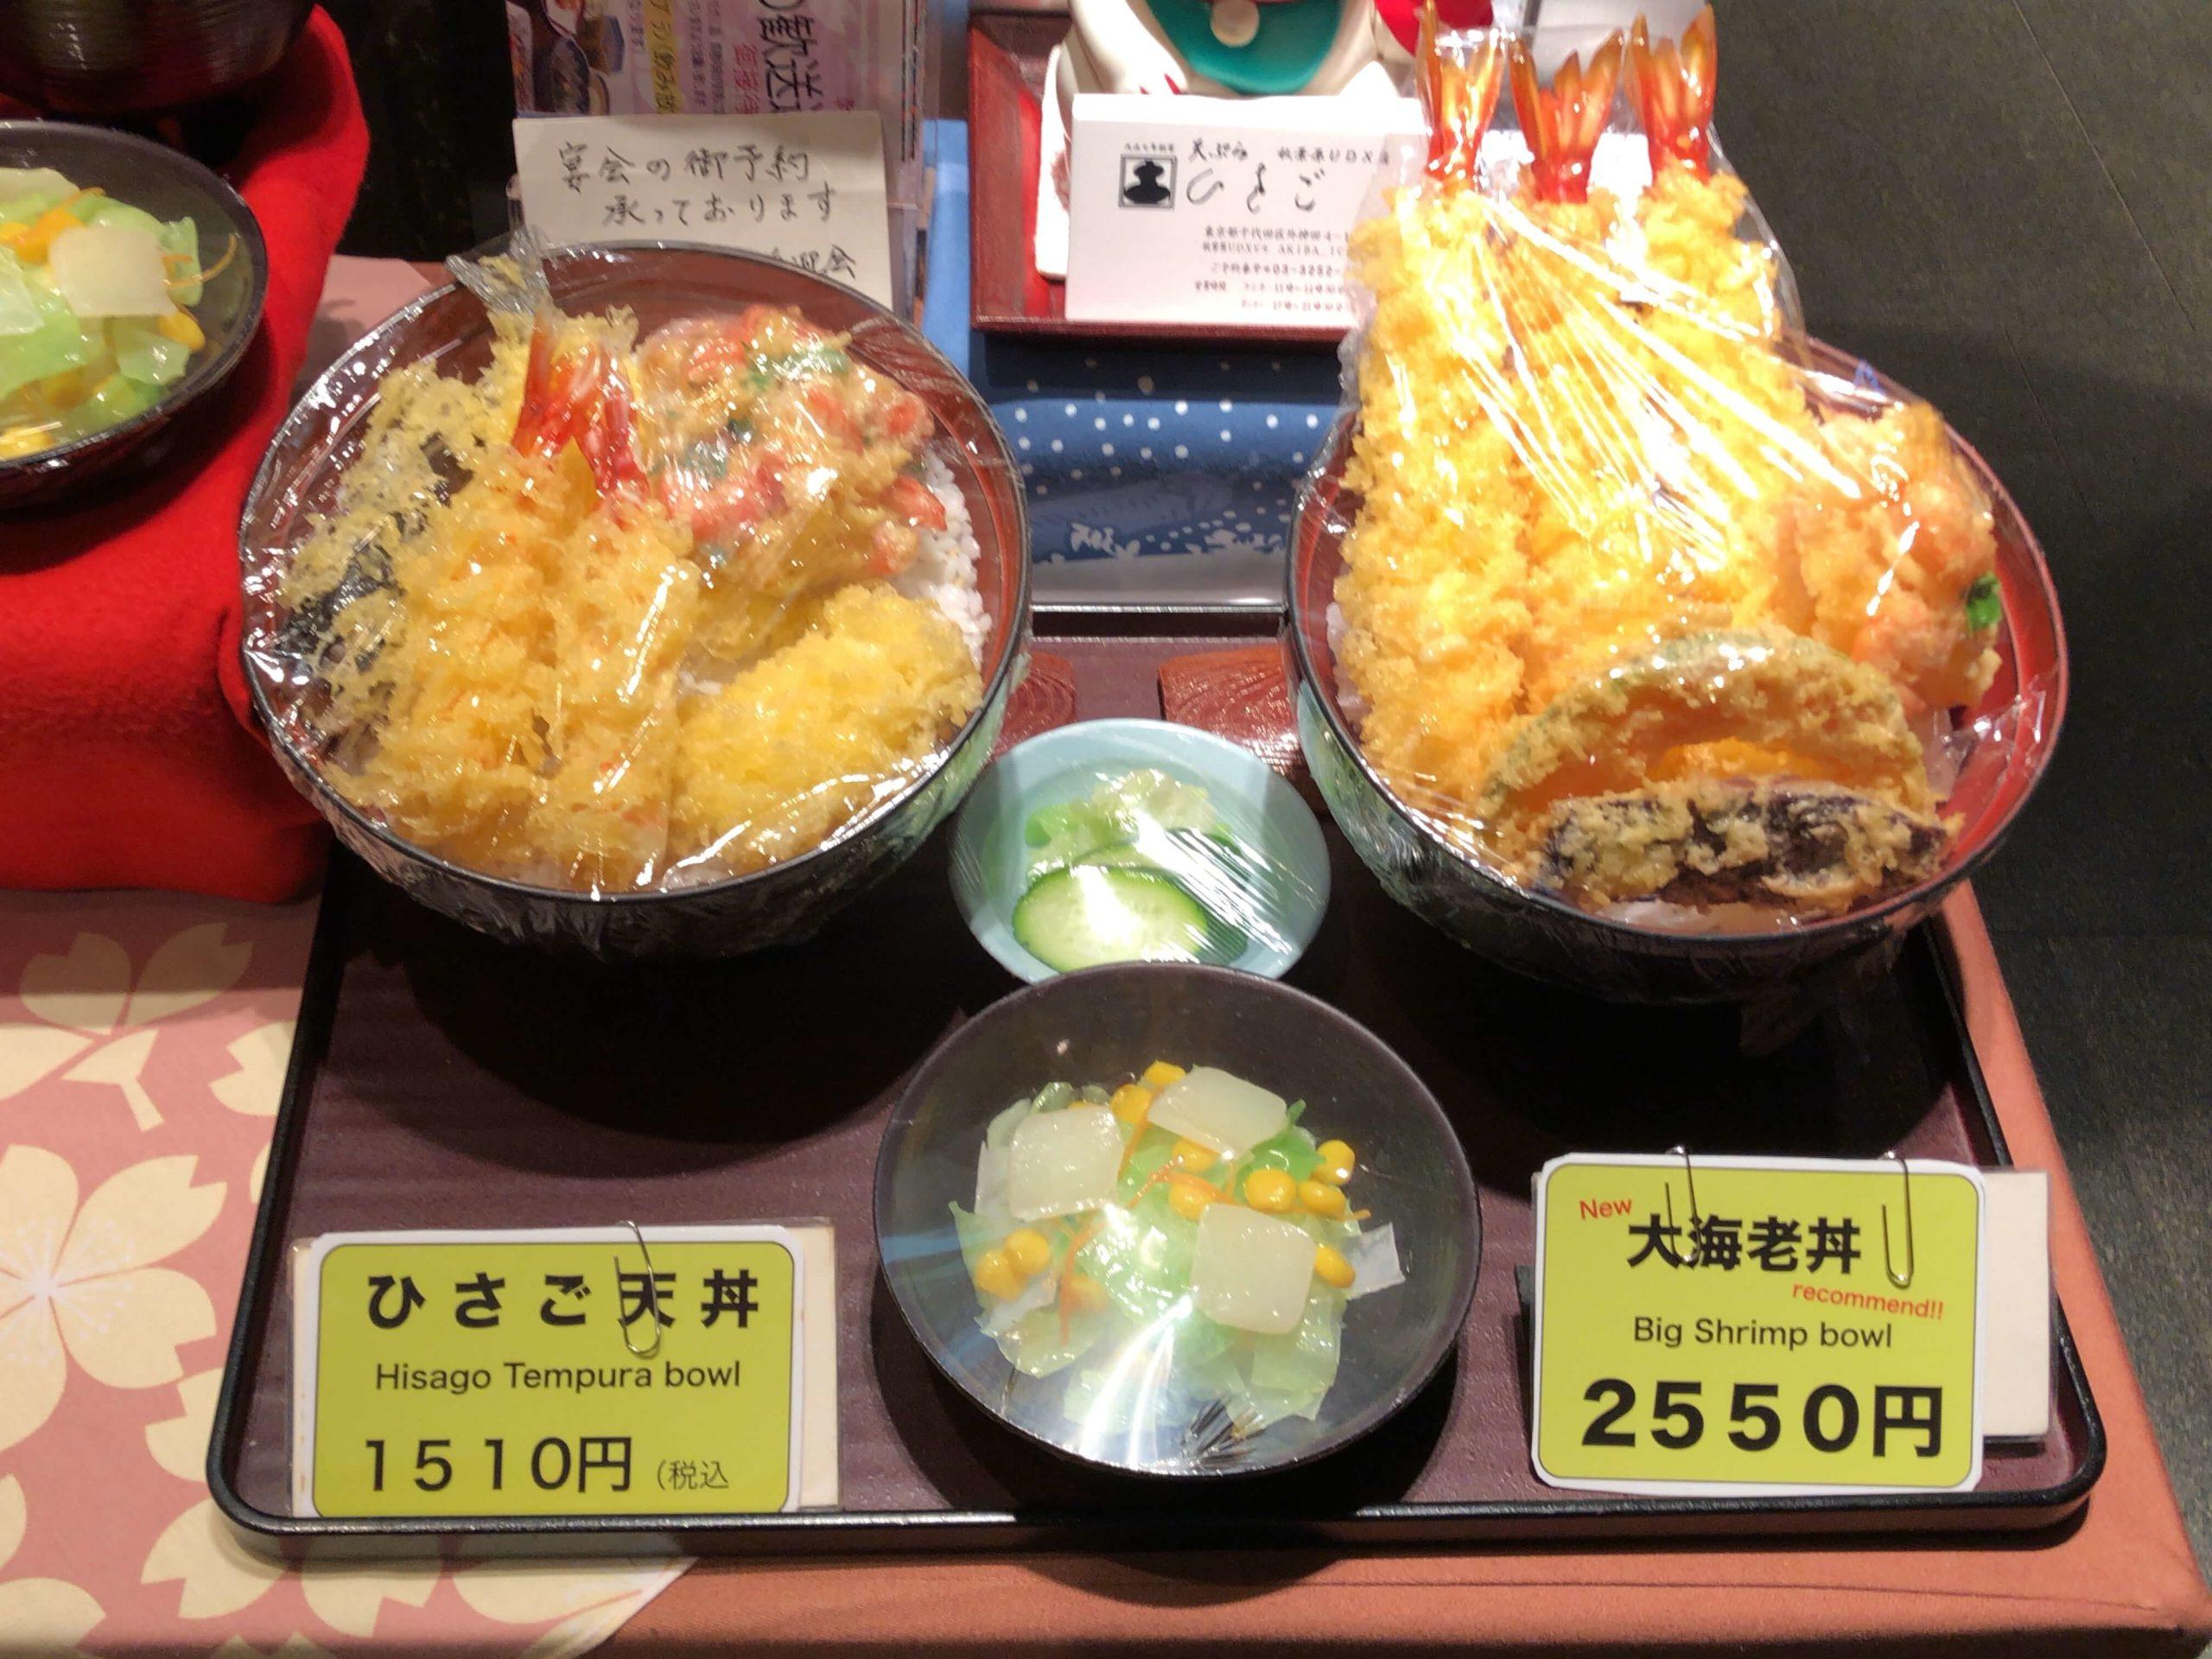 秋葉原「天ぷらひさご」ひさご天丼 大海老丼の写真